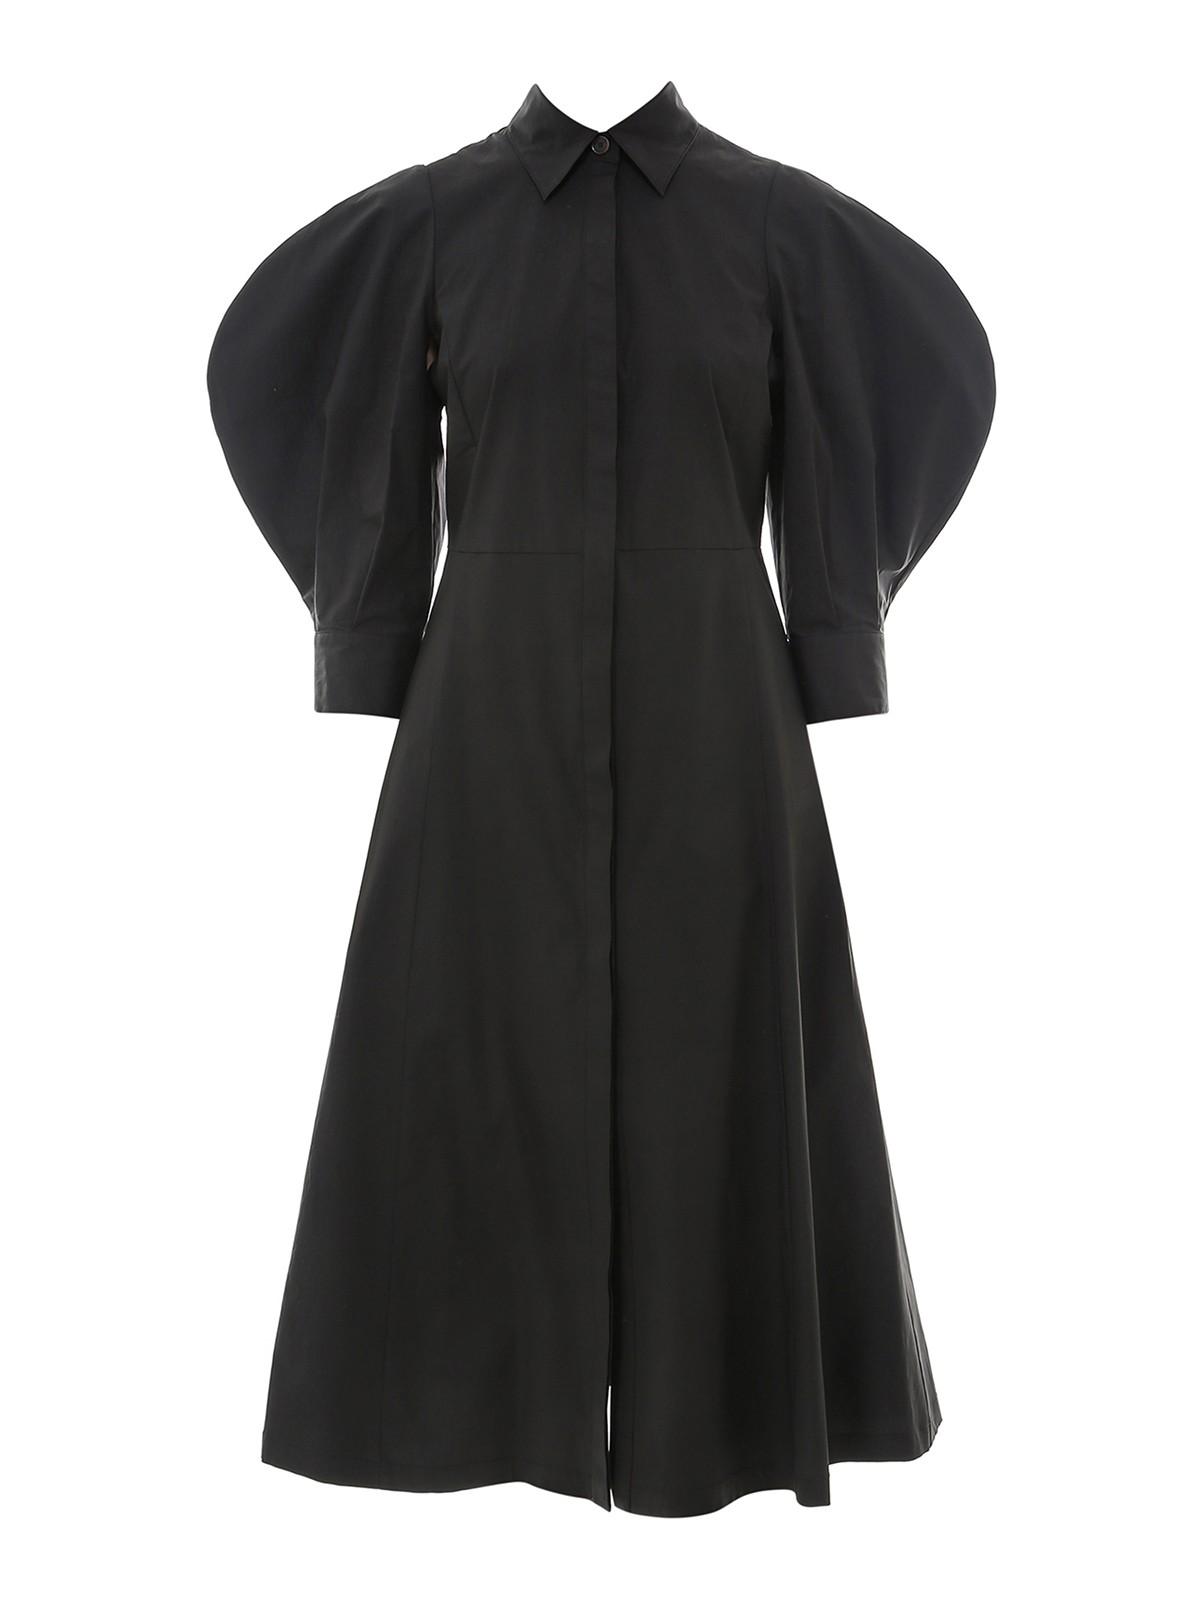 Erika Cavallini POPLIN SHIRT DRESS